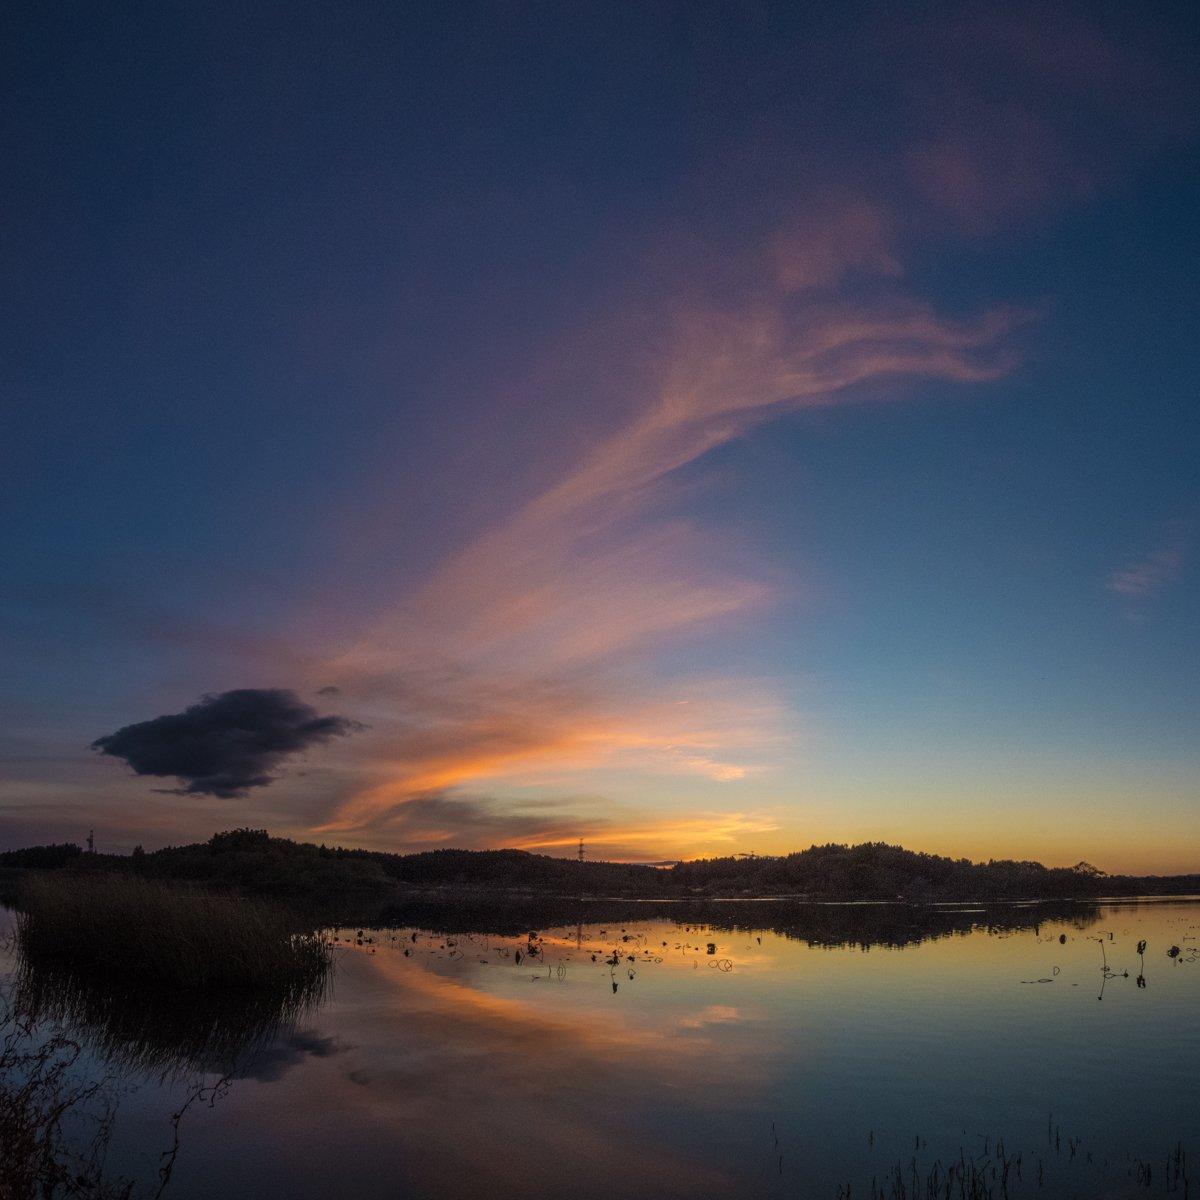 RT @T_Yusa: 化女沼の夕景 晴れていたので大崎市古川にあるラムサー条約登録湿地・化女沼(けじょぬま)に出かけてきました。夕焼け雲がきれいでした。 この後、壮大なマガンのねぐら入りも見ることができました。 https://t.co/cixQ3T8lwm